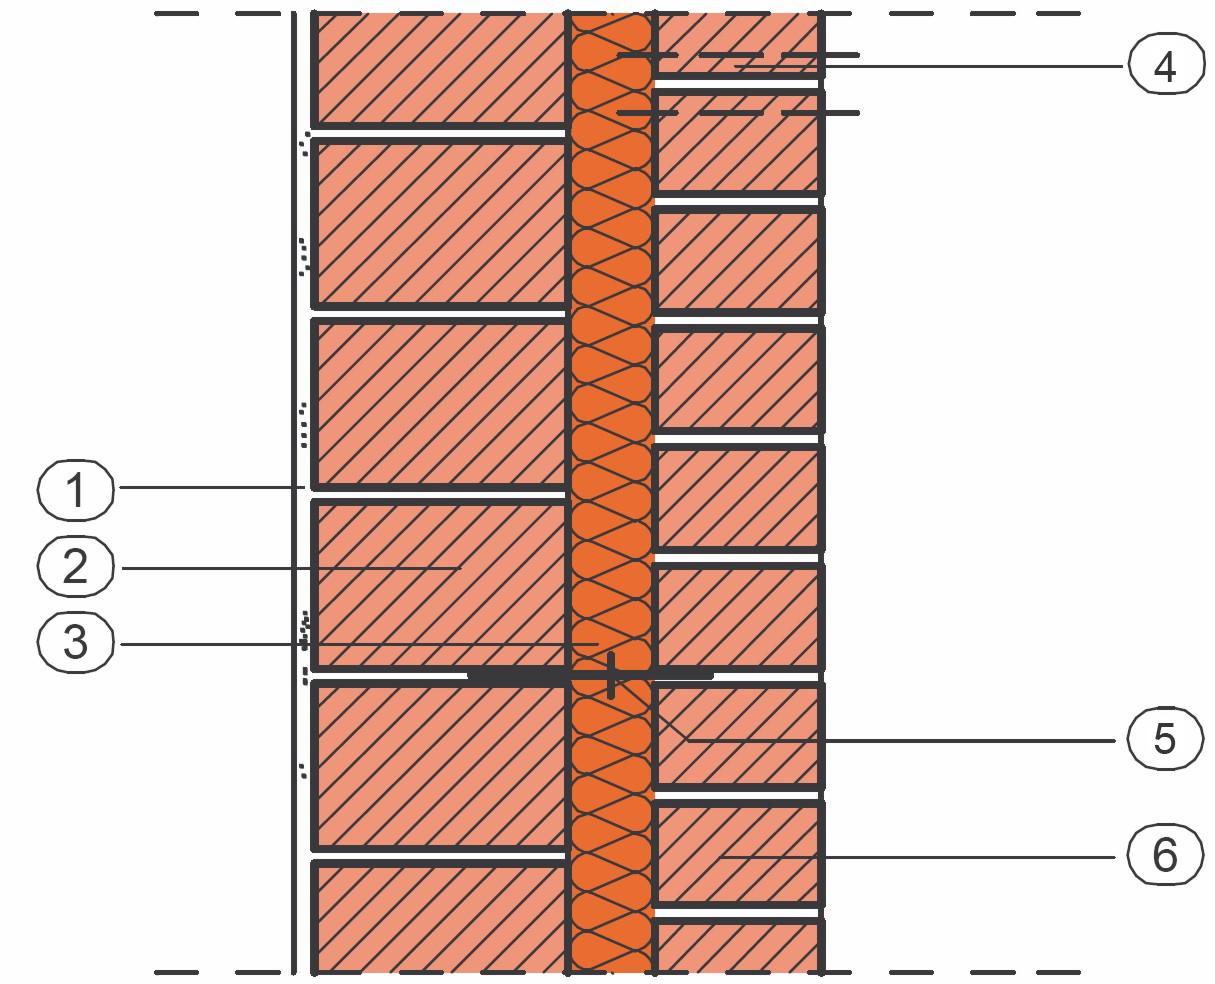 ^ Welche ußenwand braucht welchen Dämmstoff - nergieblog energynet